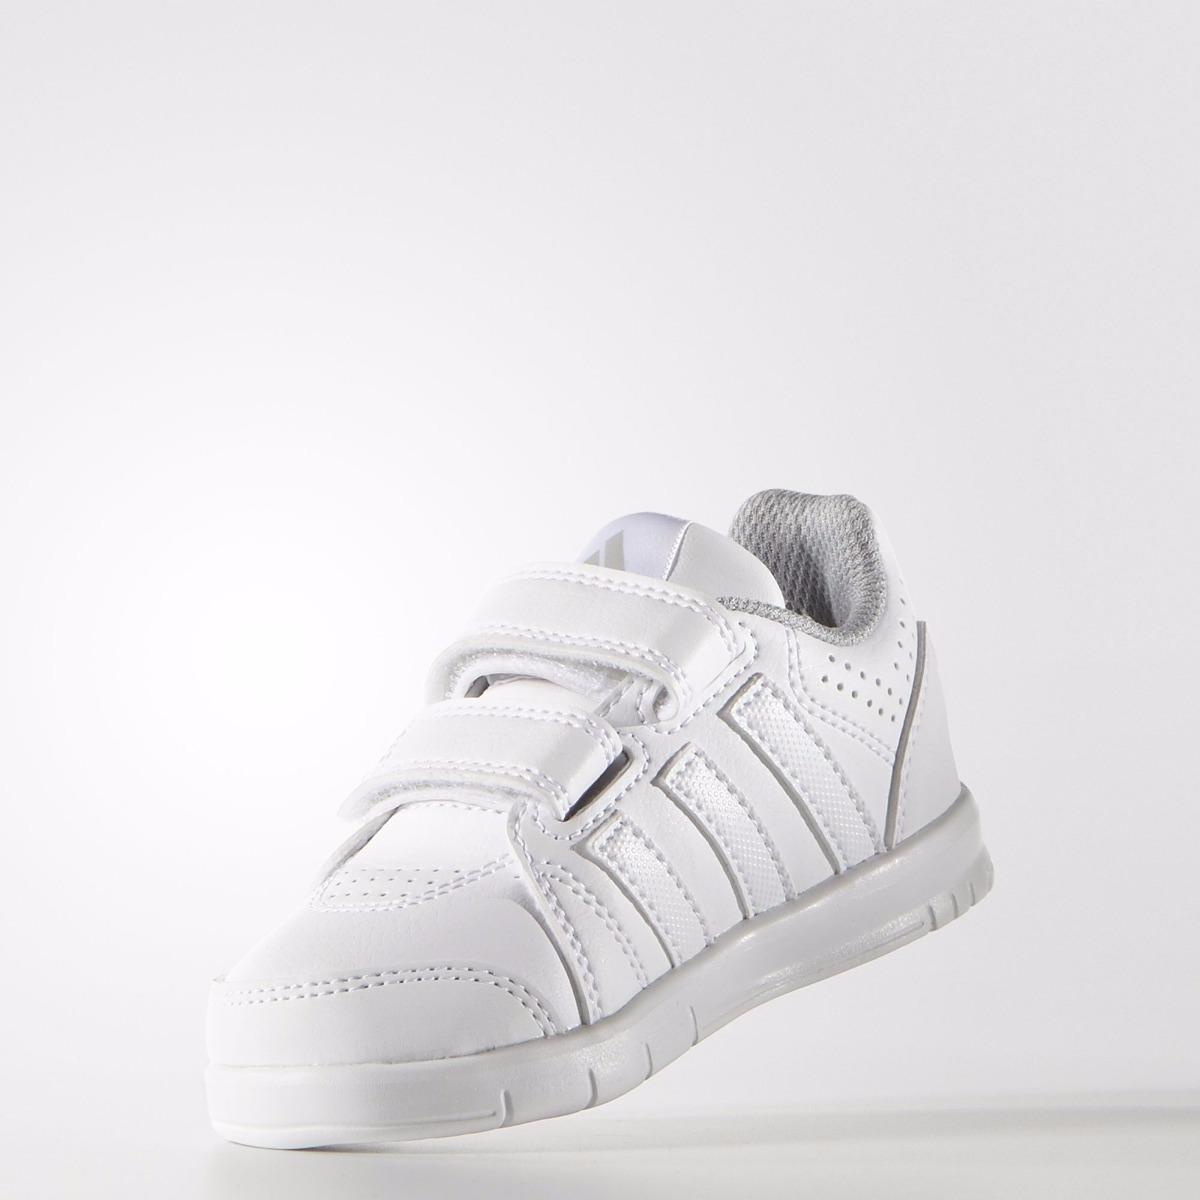 zapatillas adidas niños blancas